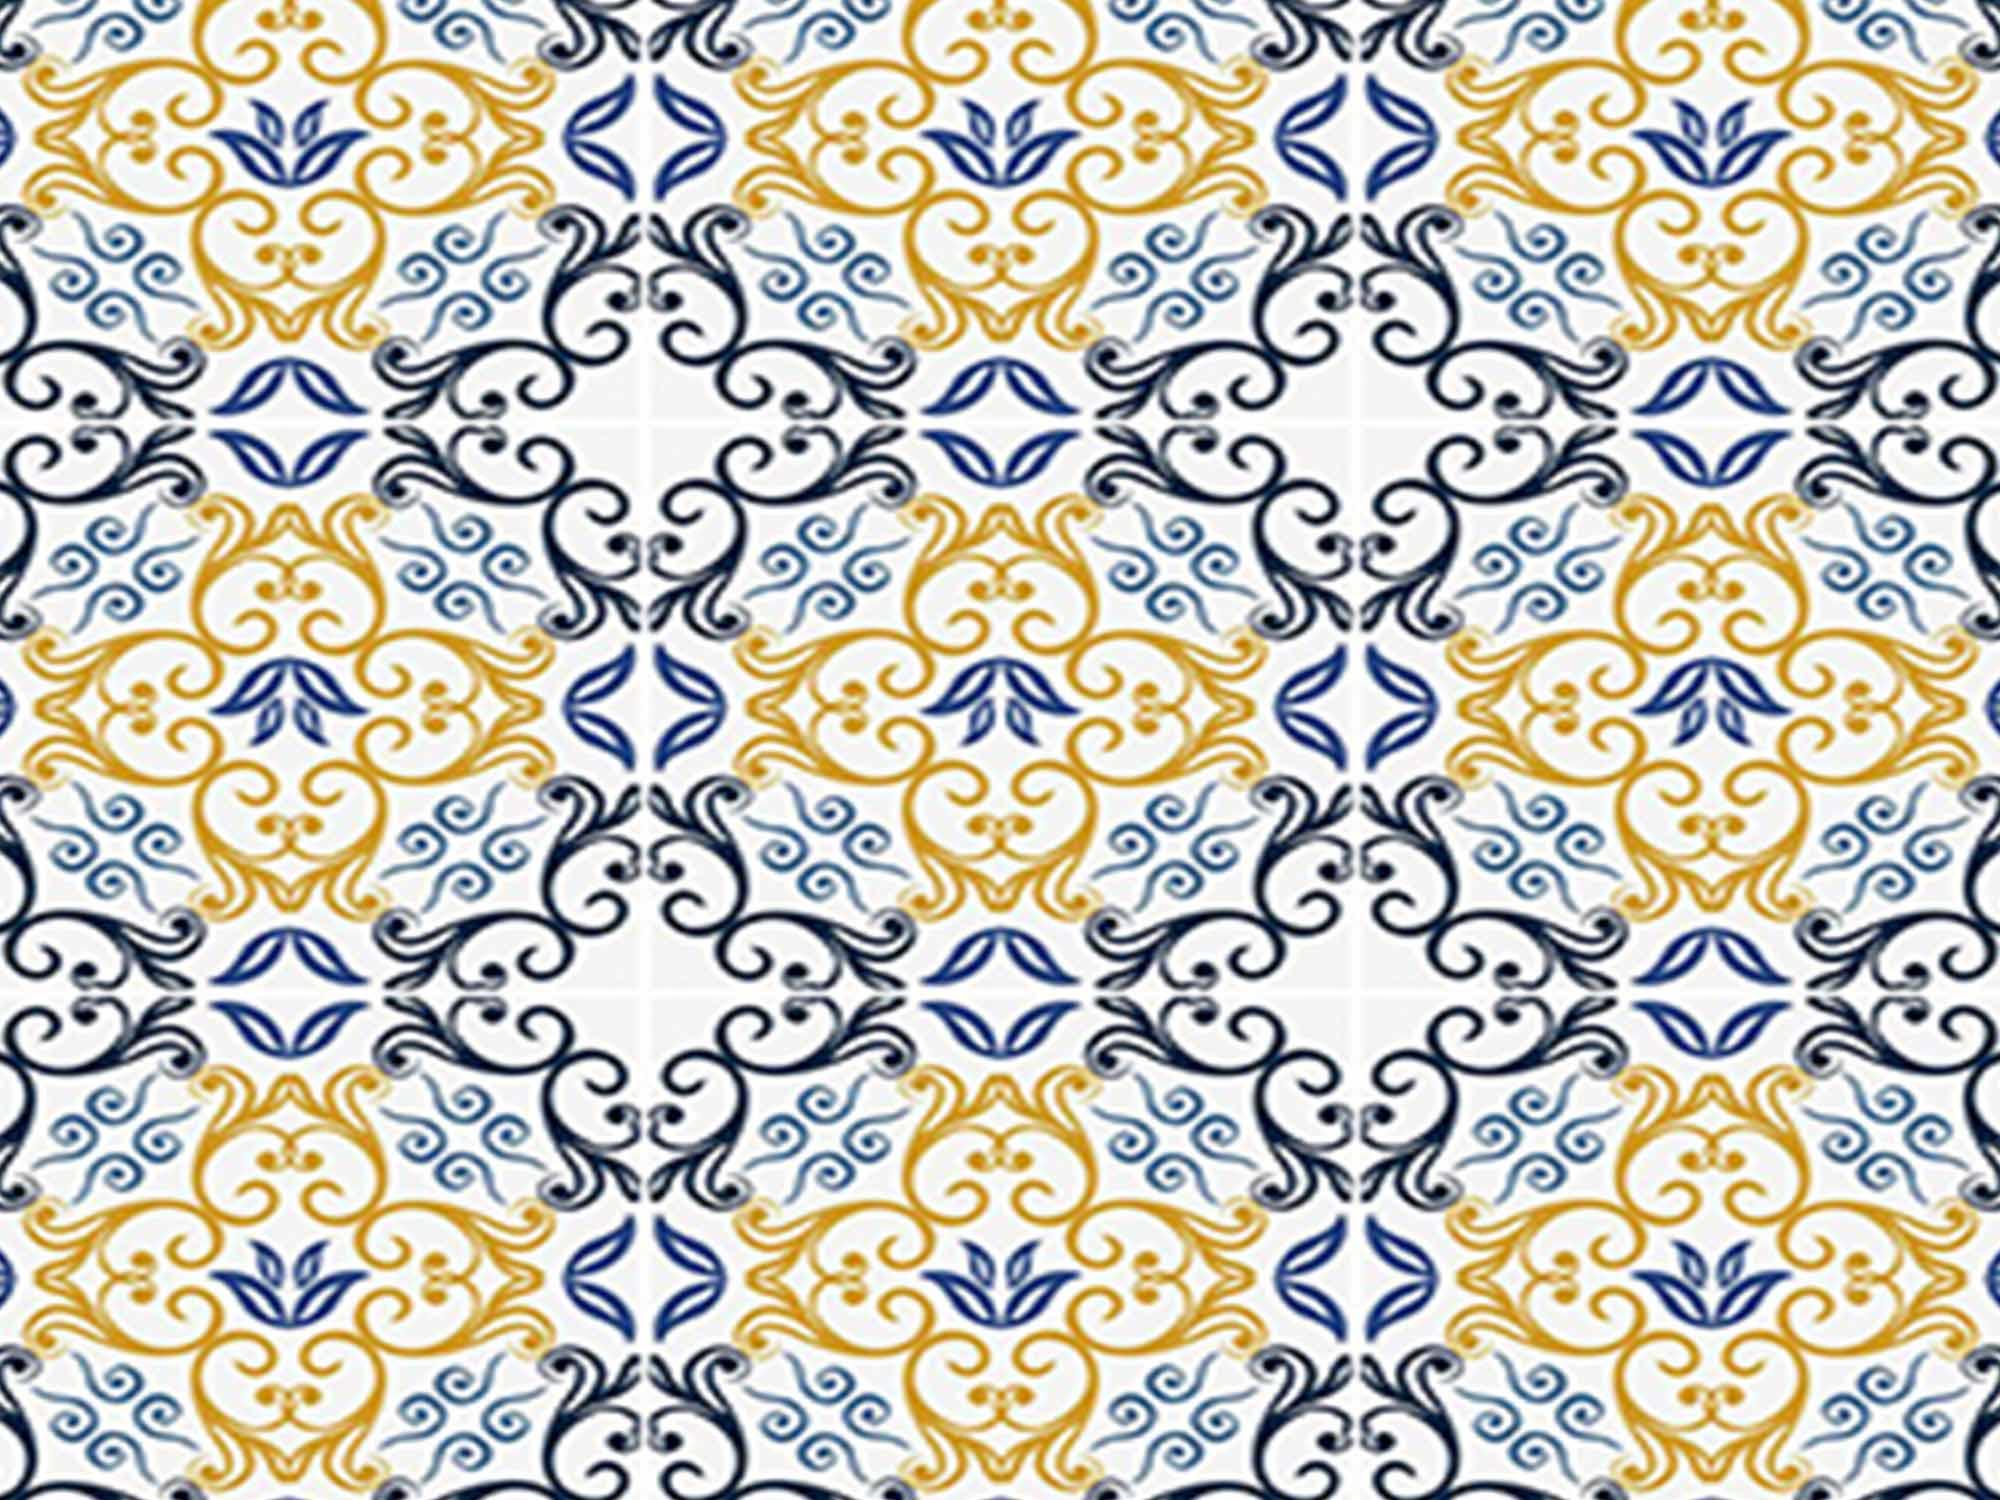 Papel de Parede para Cozinha Azulejos 0040 - Adesivos de Parede  - Paredes Decoradas